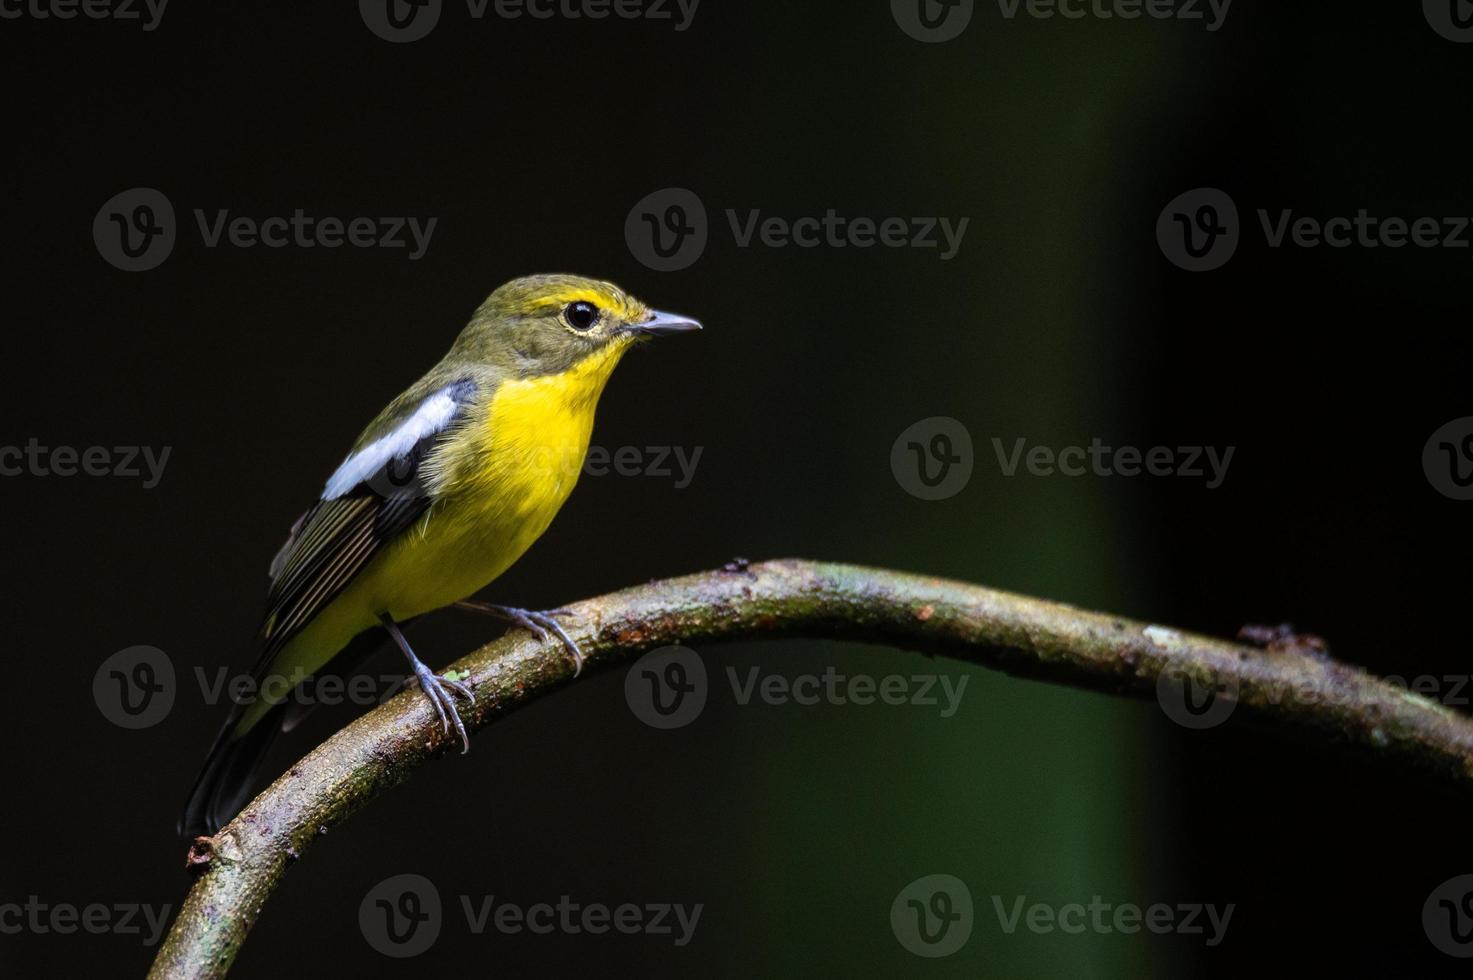 pássaro papa-moscas de dorso verde em galhos com fundo escuro foto